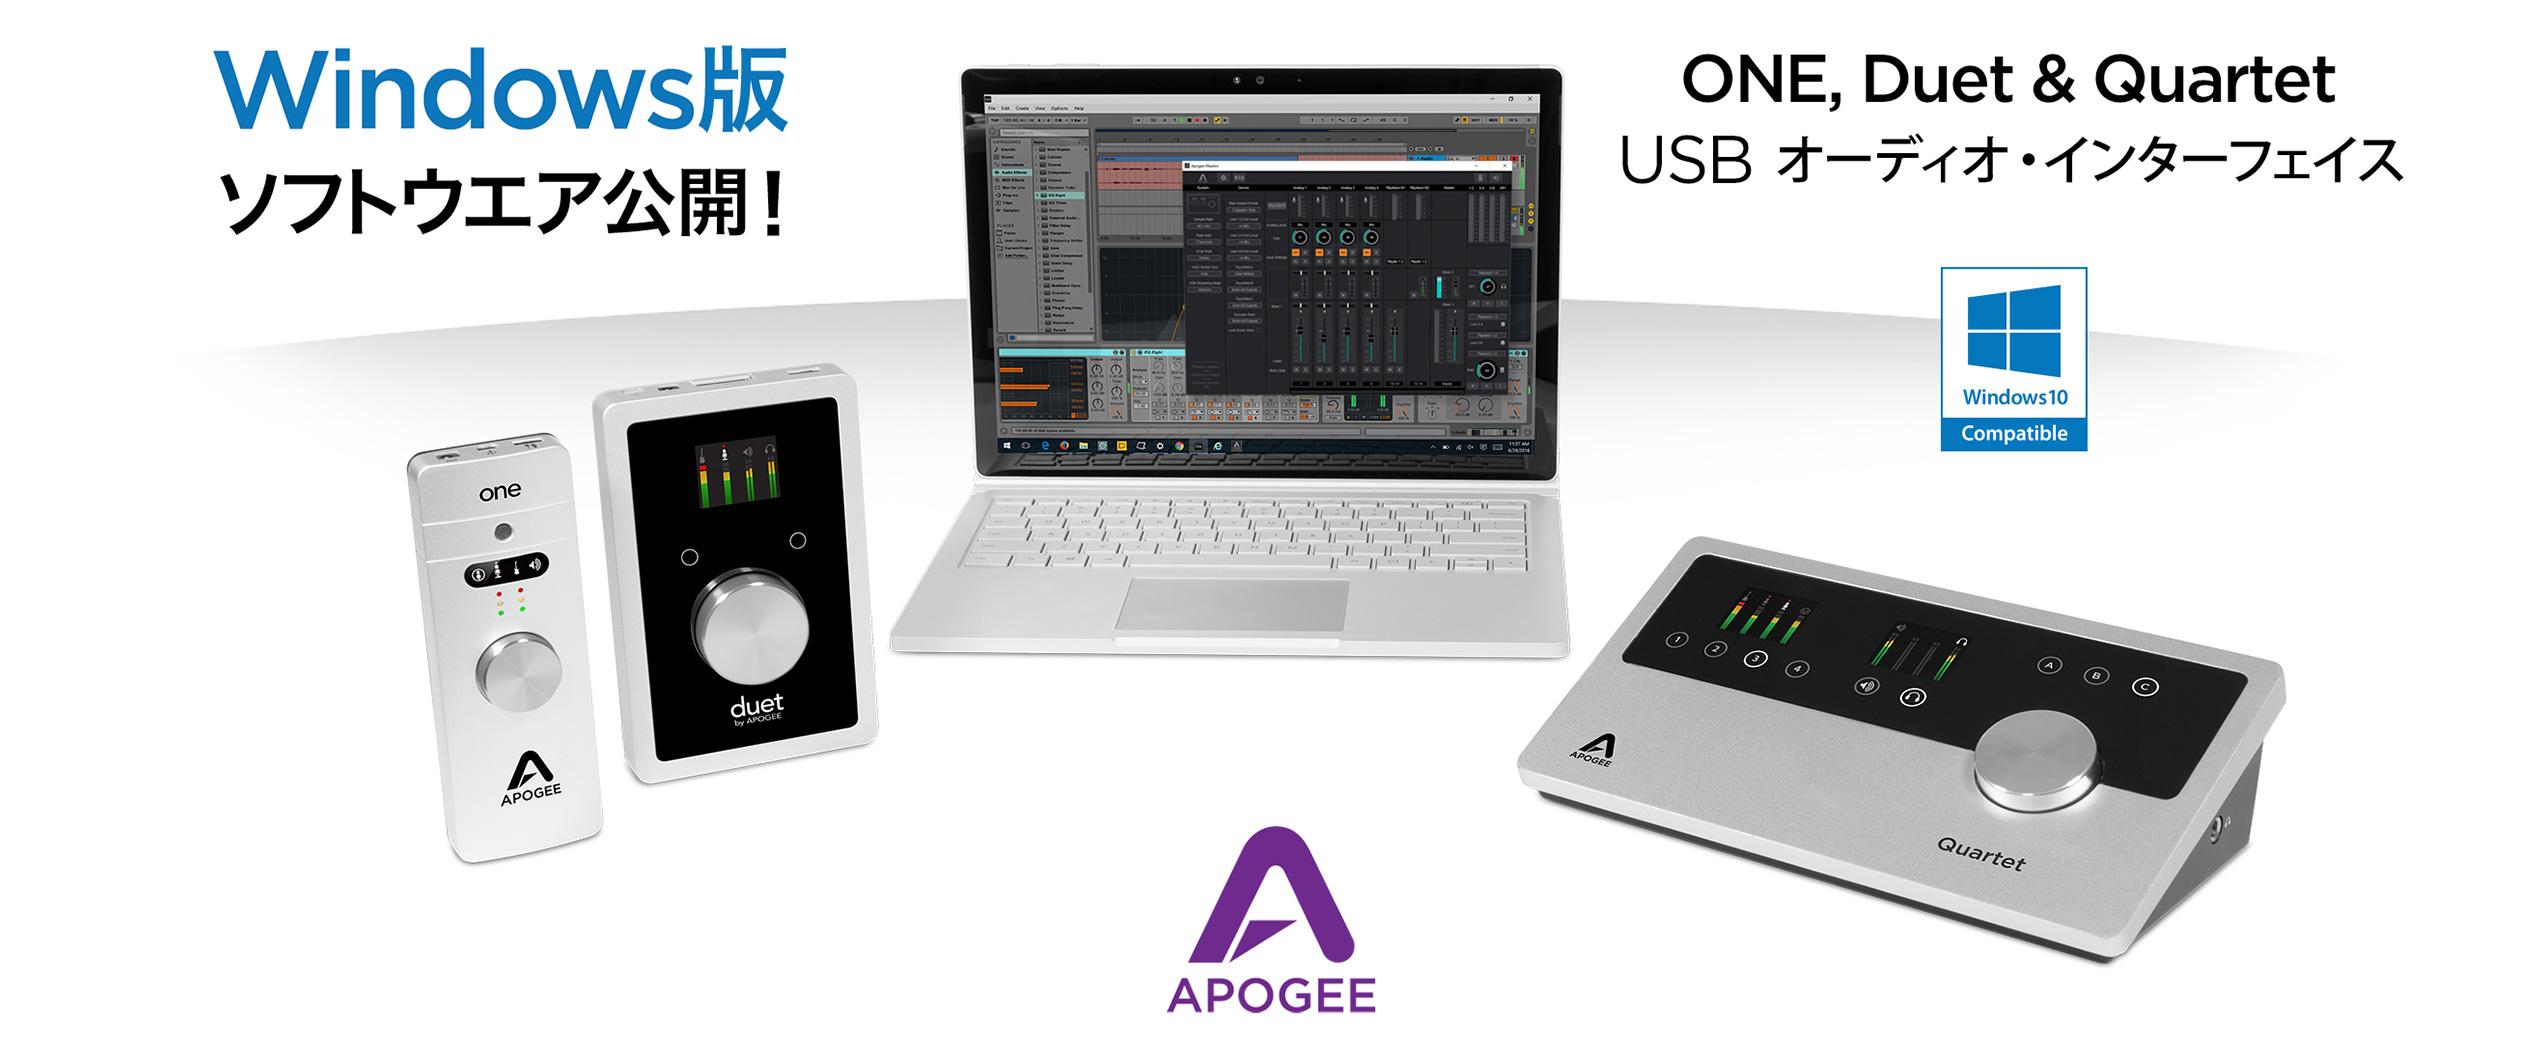 Apogeeから、ONE、Duet、Quartet USBオーディオインターフェイス最新バージョンのWindows 10対応